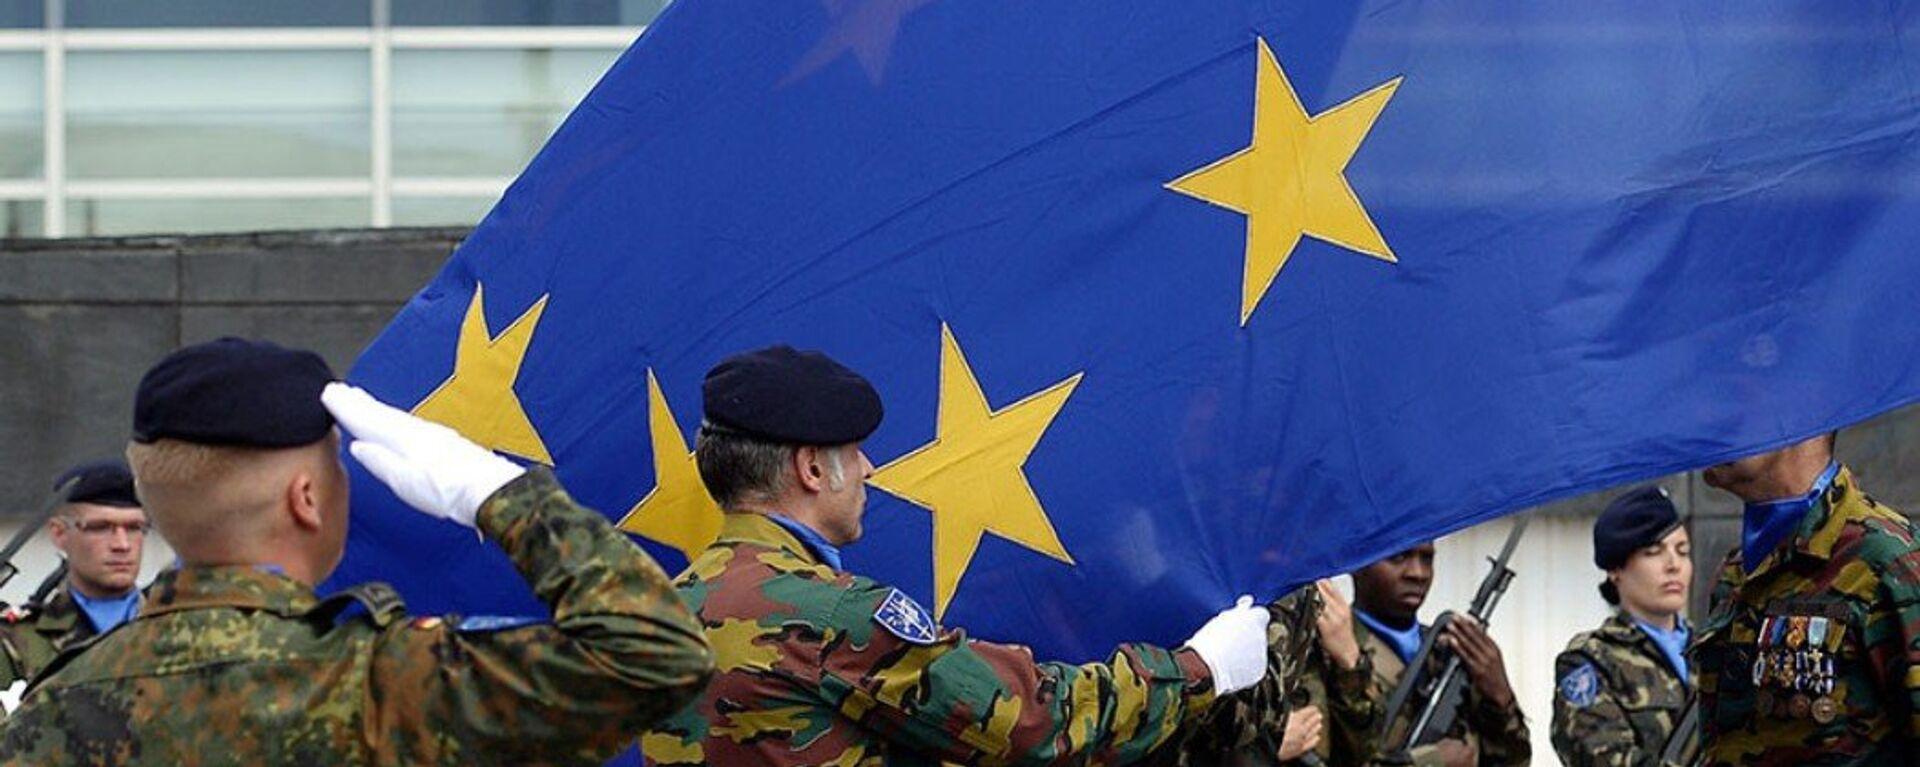 L'Europa si doterà di un proprio esercito? - Sputnik Italia, 1920, 01.09.2021